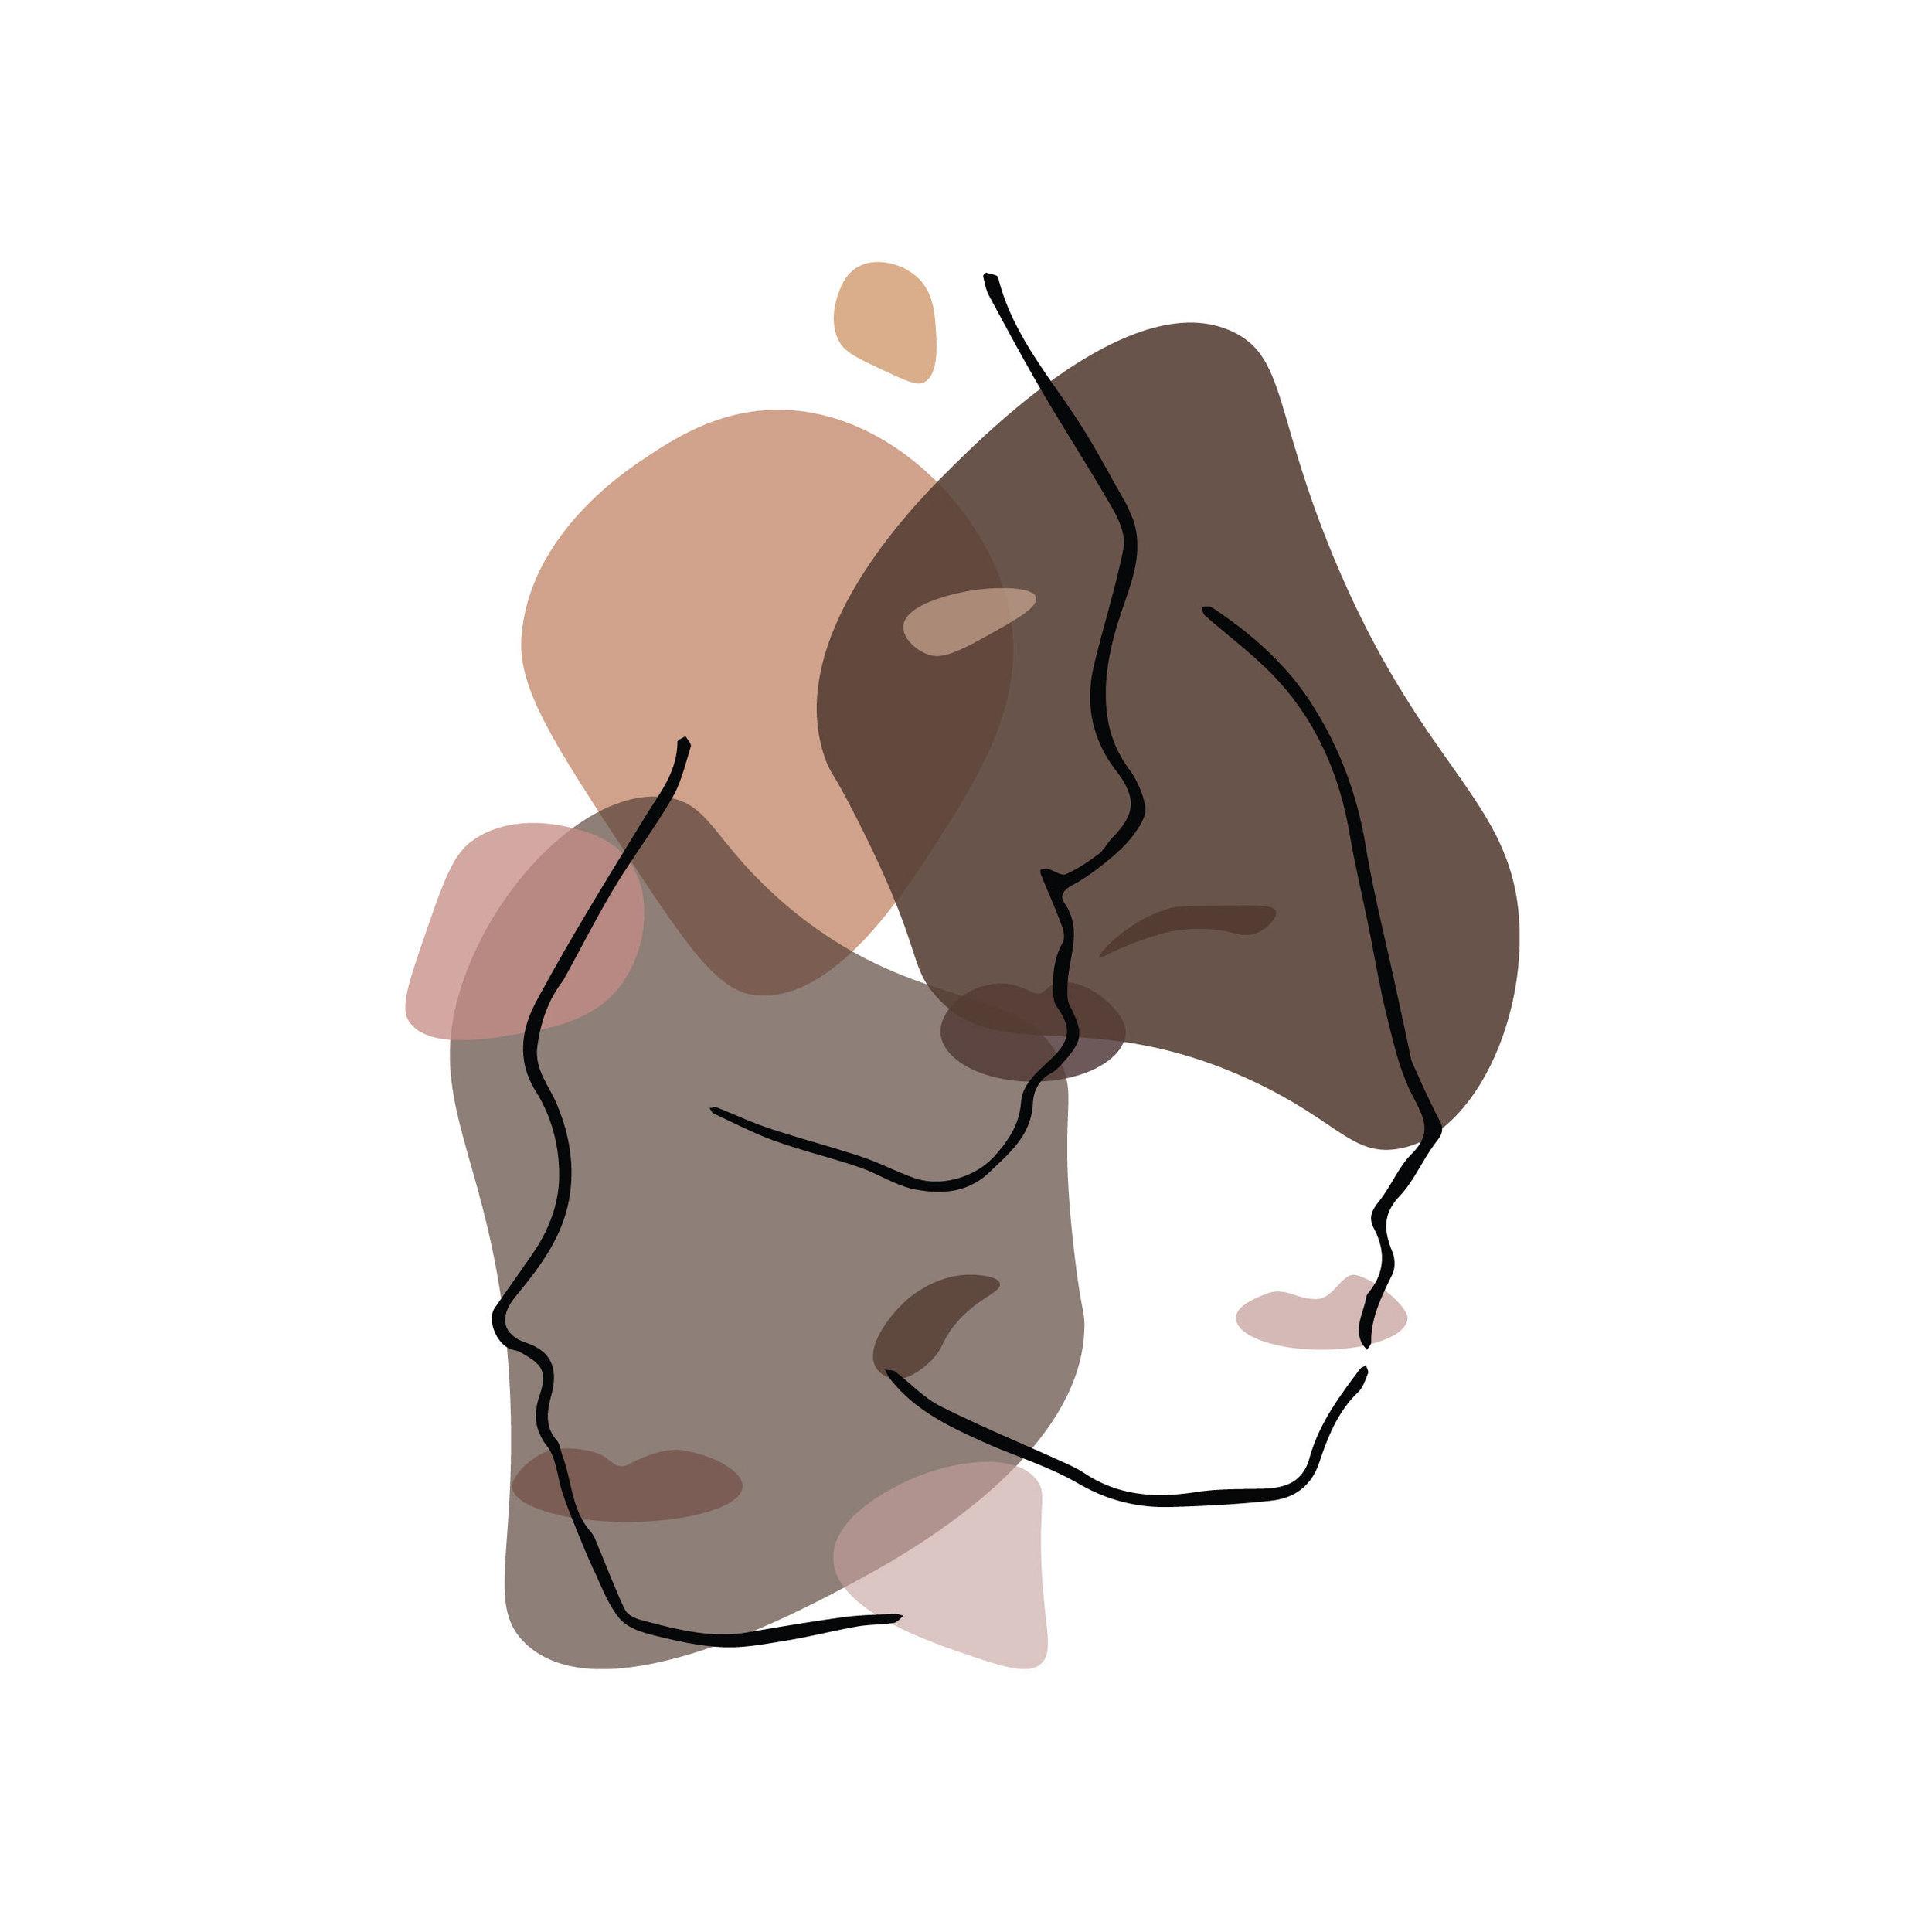 Loving My Brown Skin: A Poem